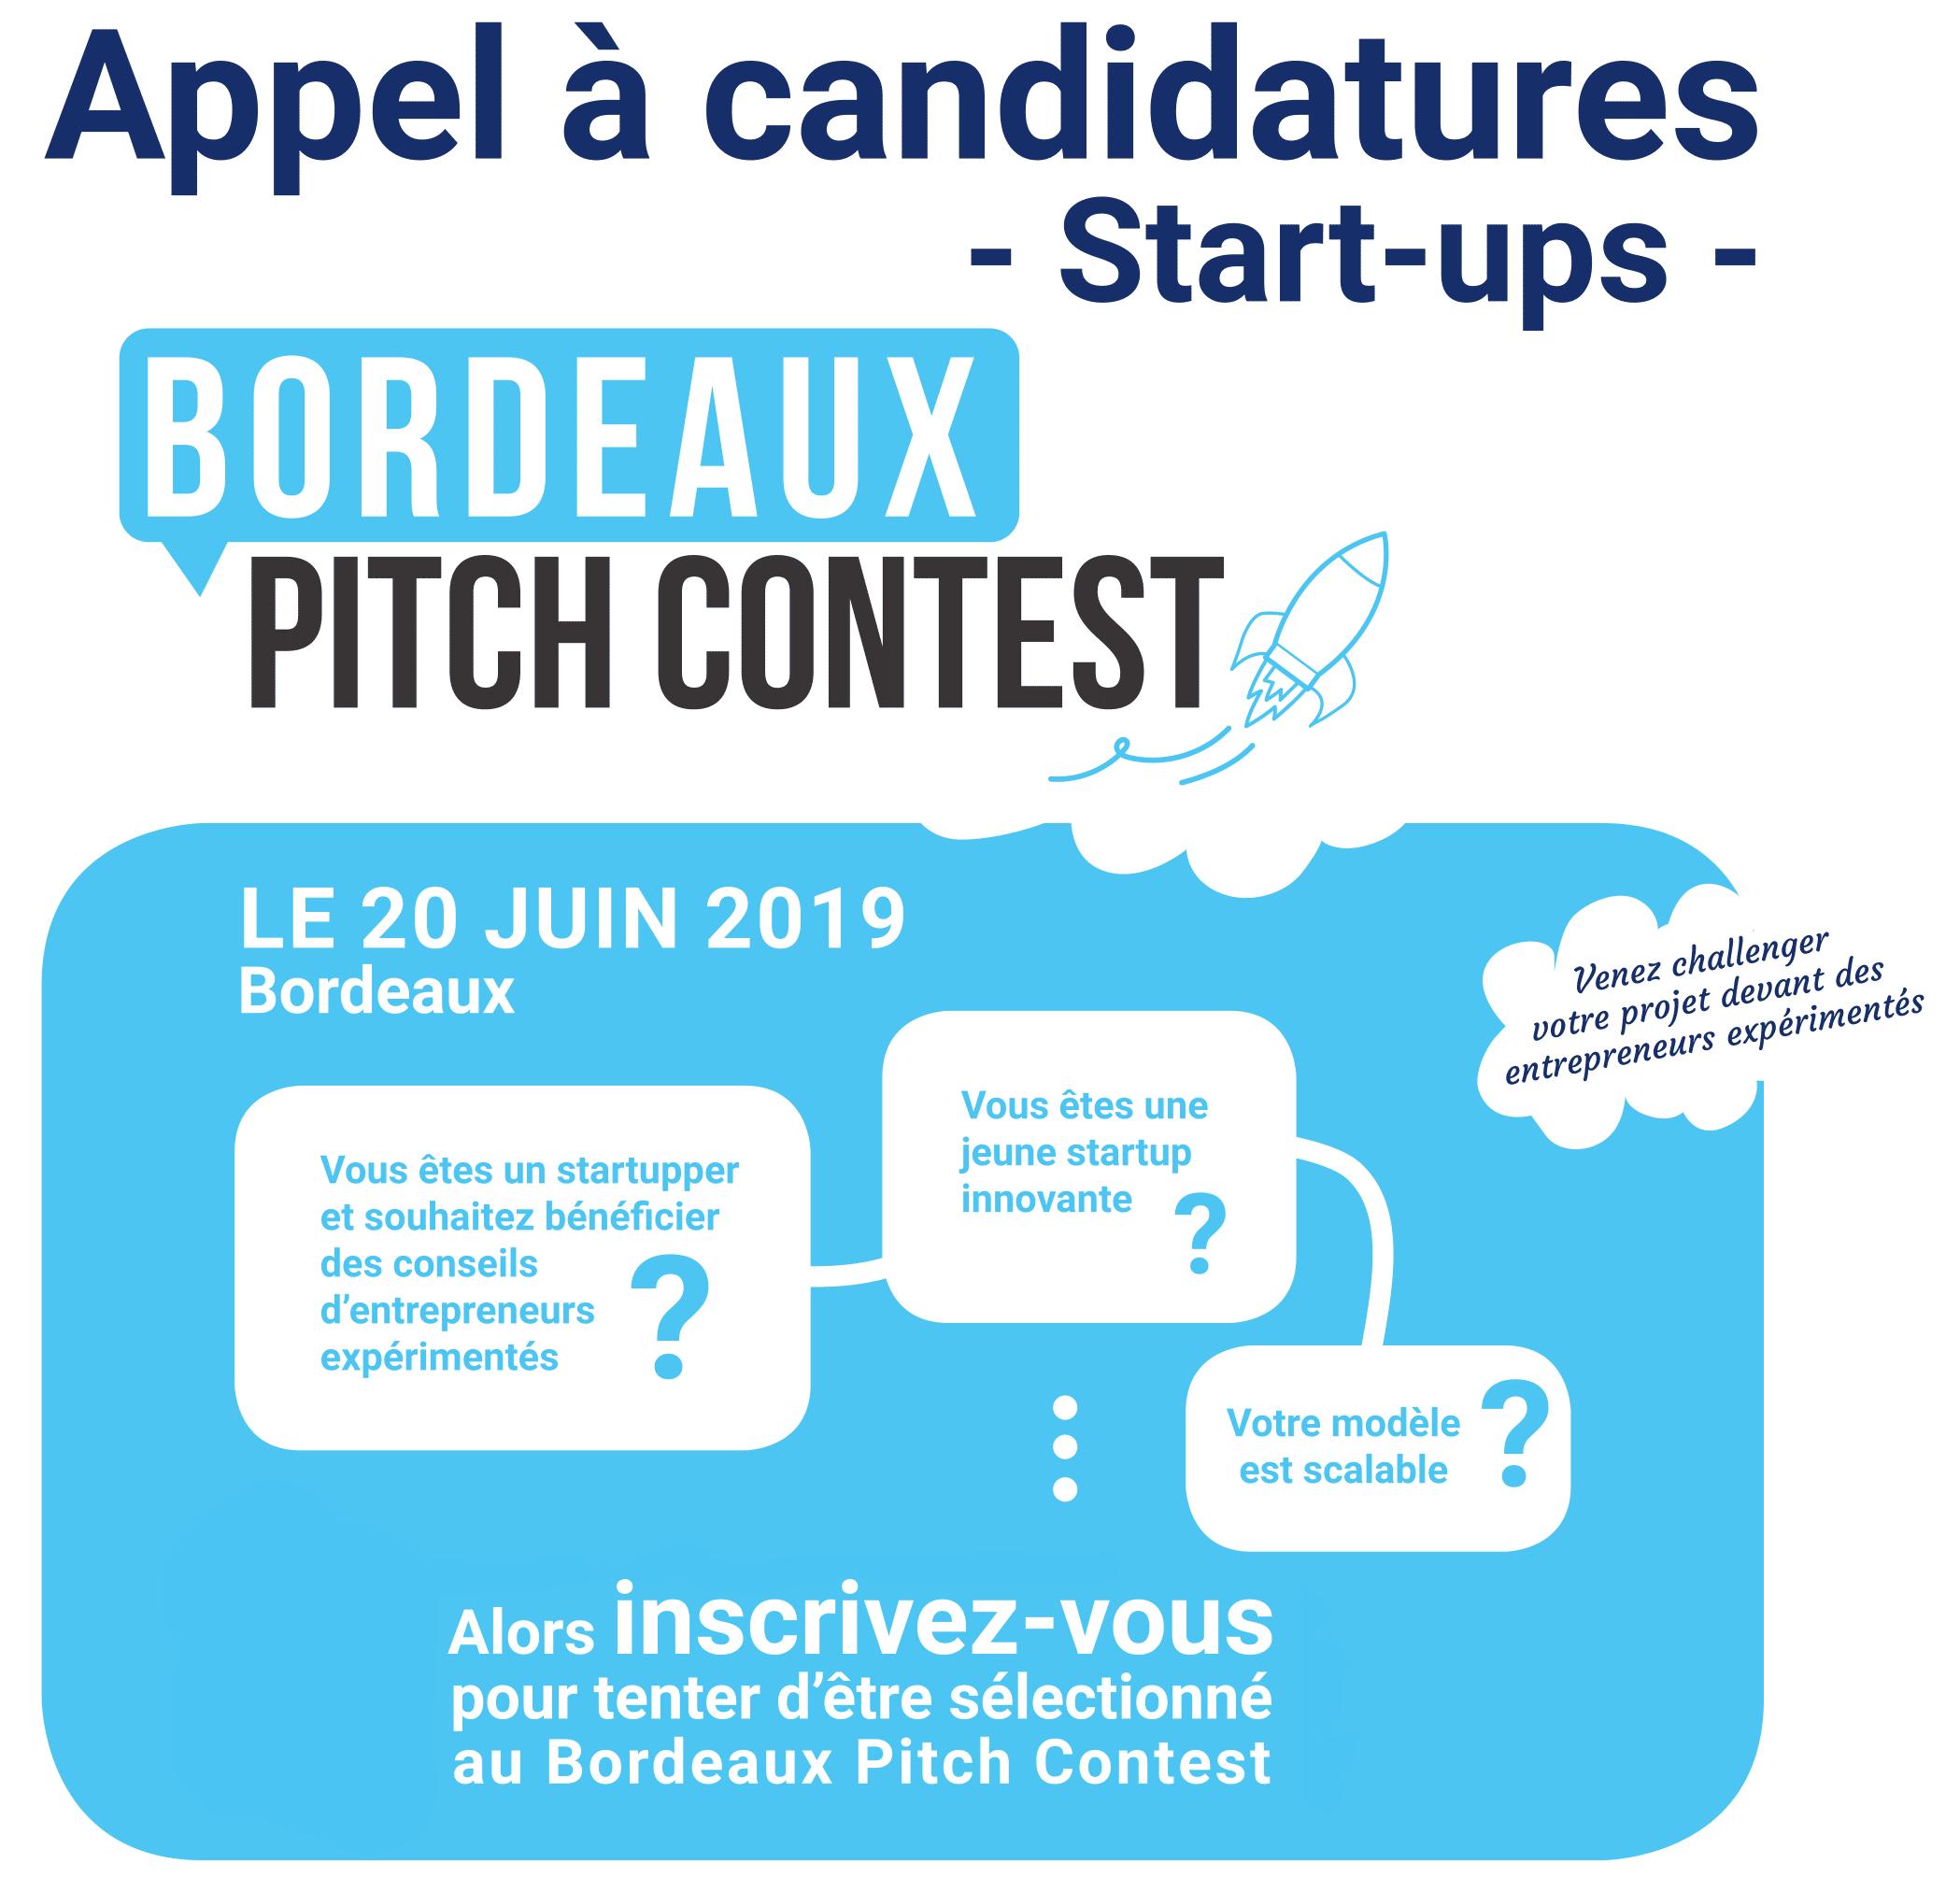 bordeaux pitch contest